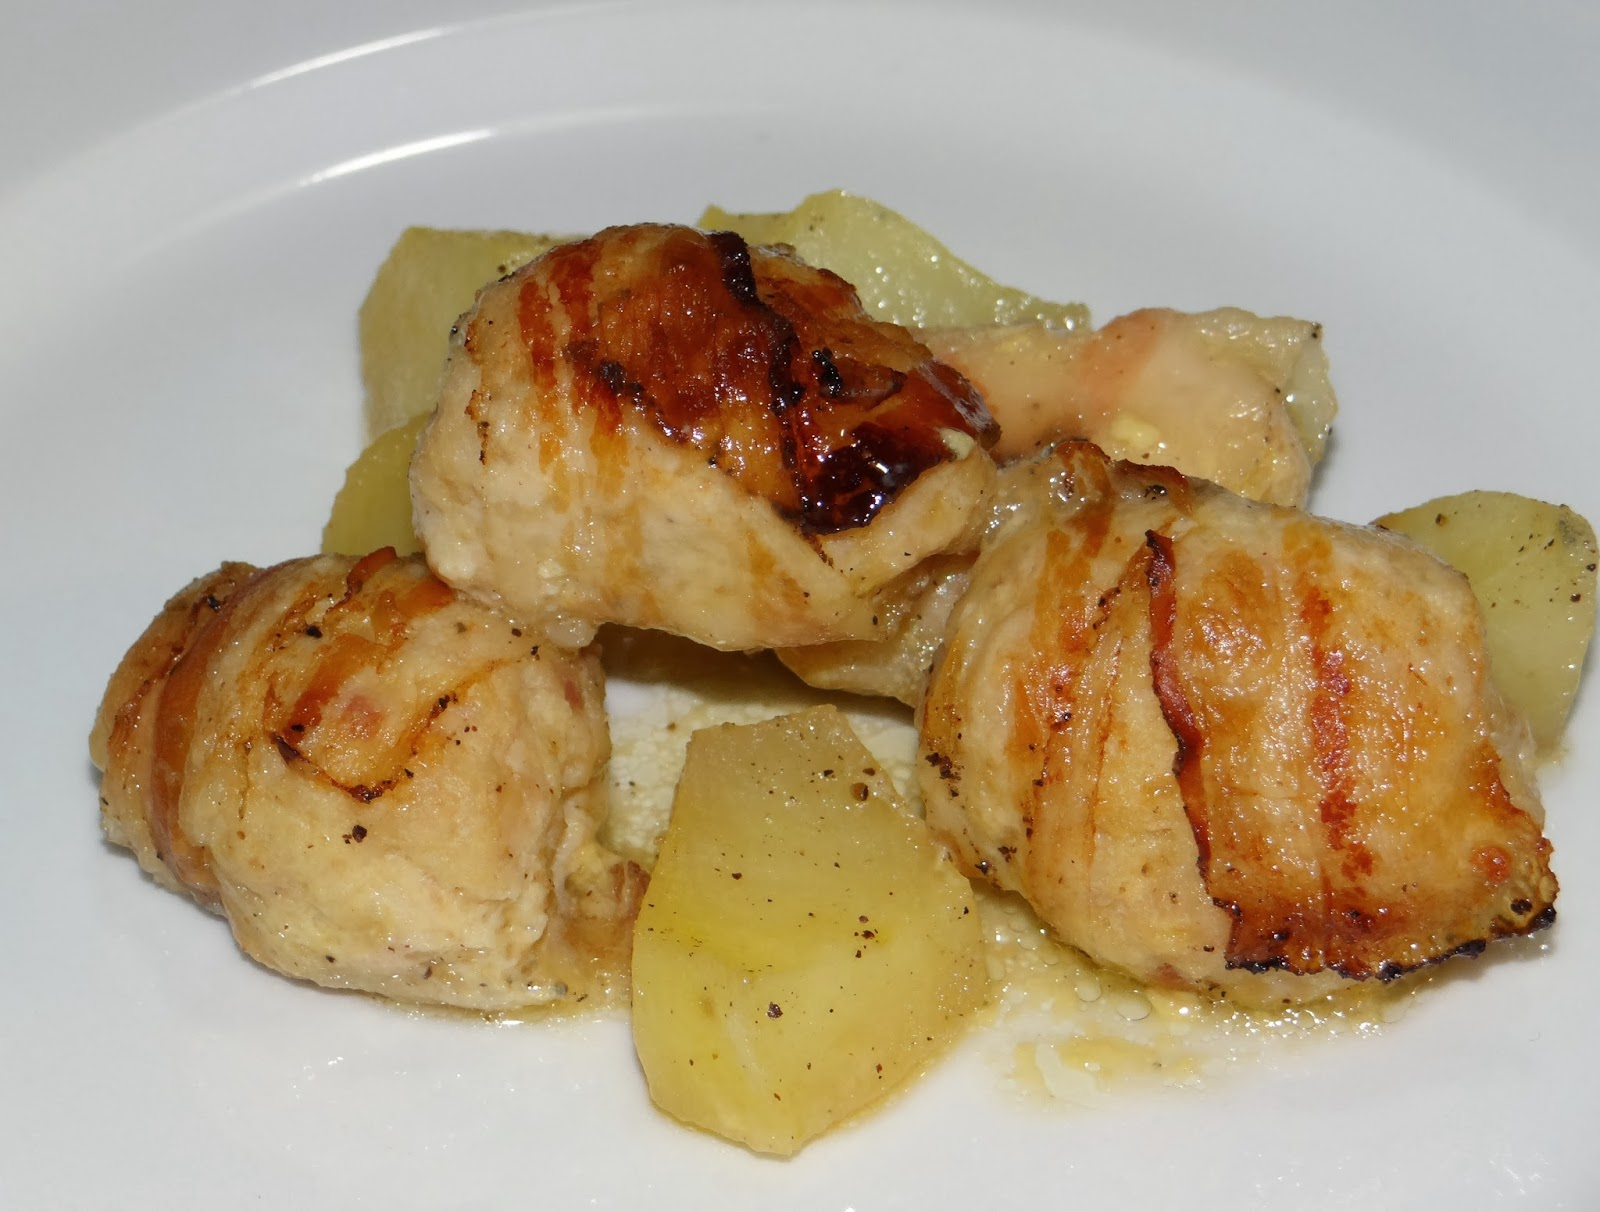 L 39 arzdour ina quenelle di tacchino e pancetta - Un angelo alla mia tavola ...